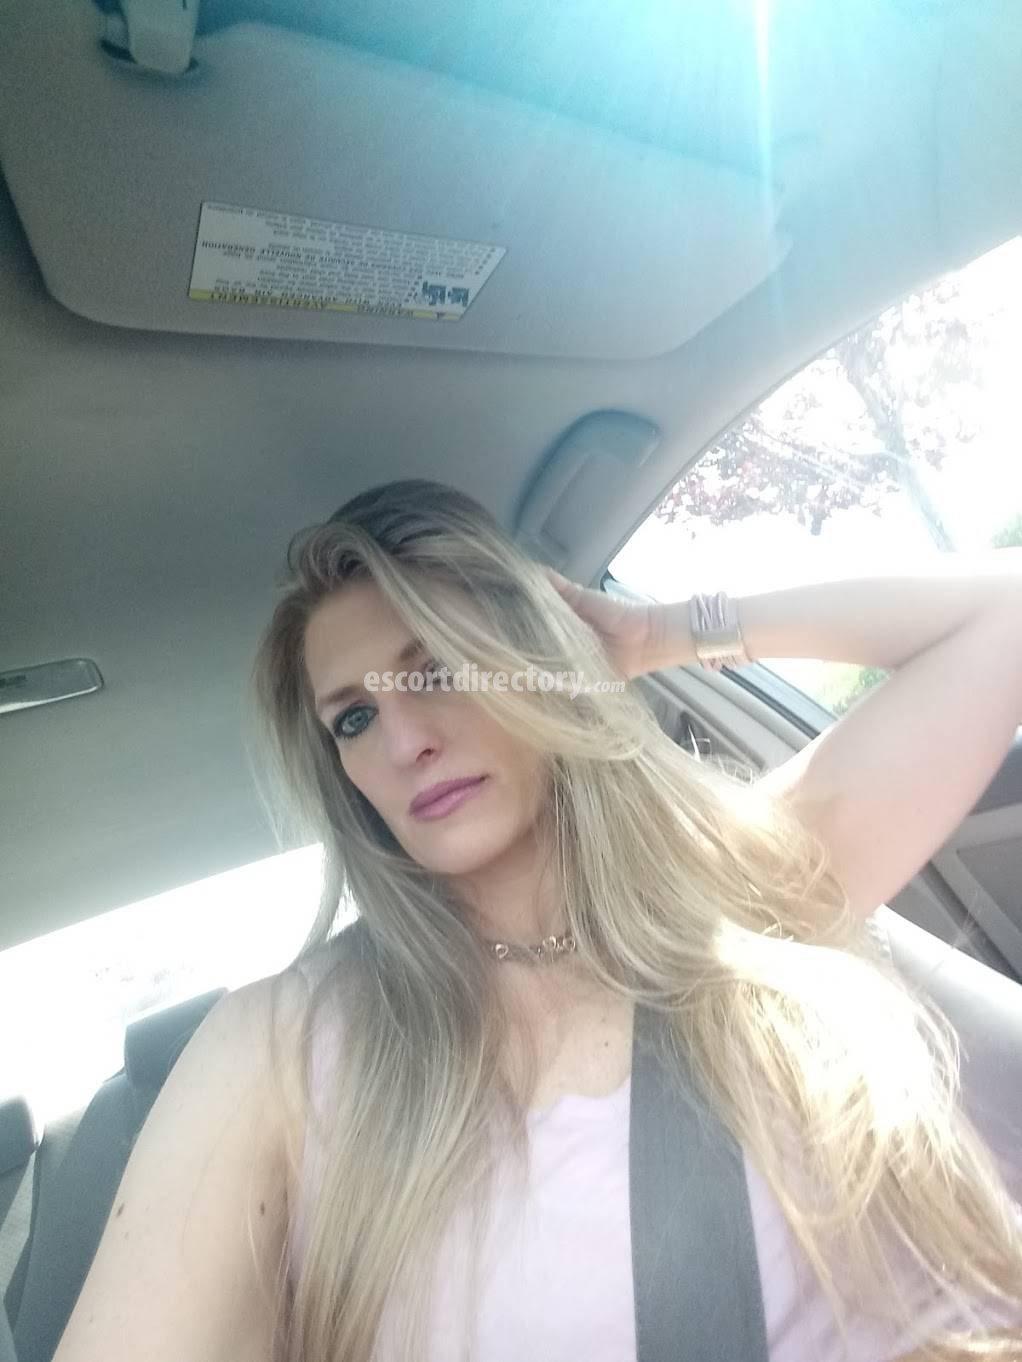 Escorts Denver Co >> Escort Callie Smith Hot Girl In Denver Co